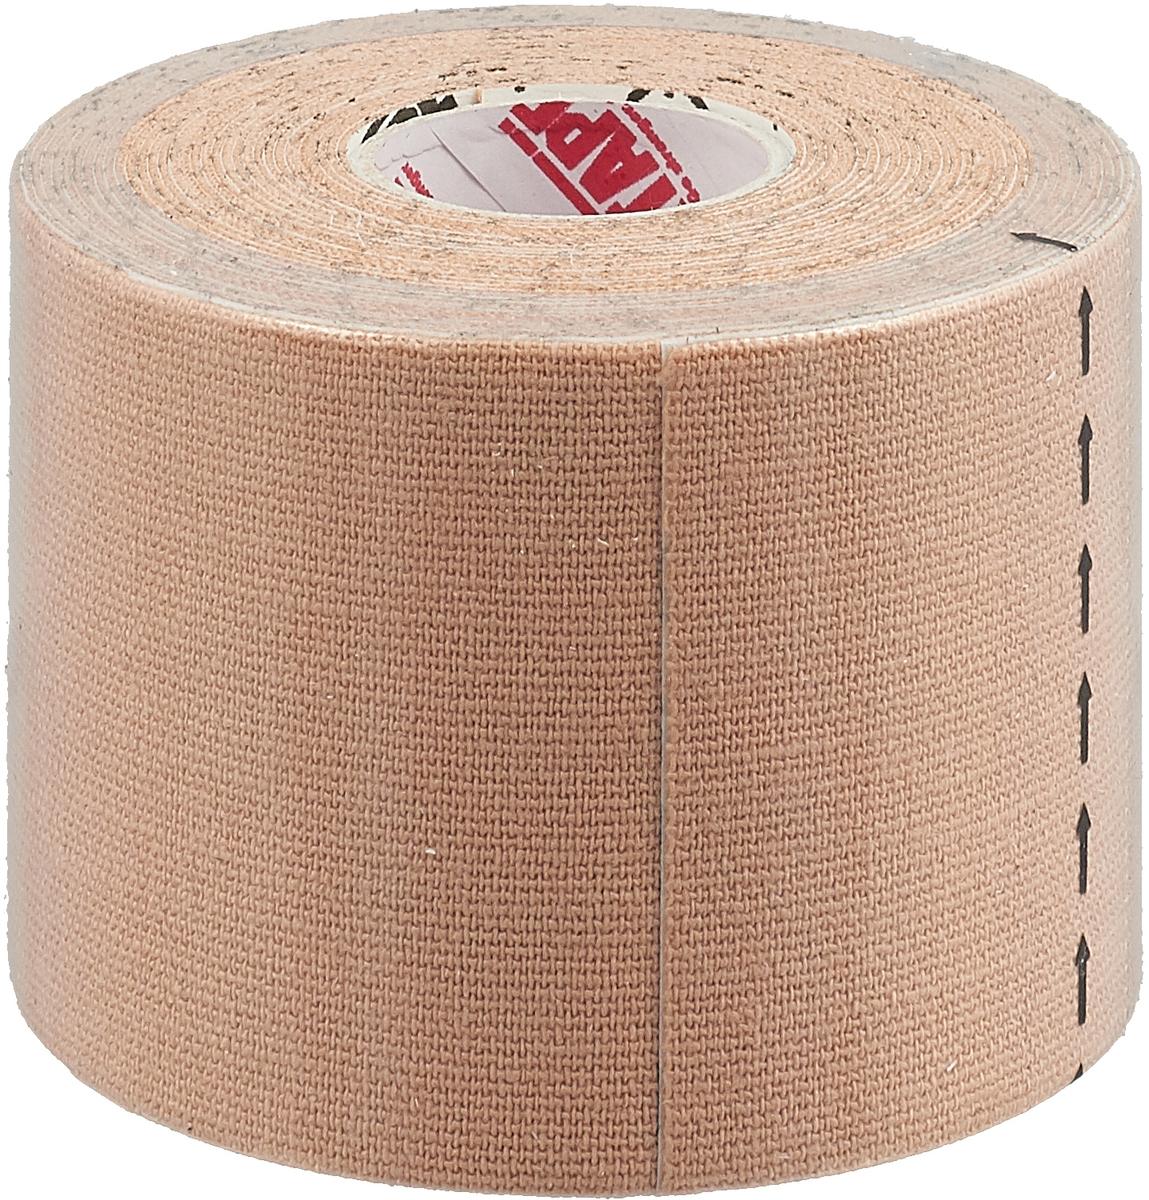 Кинезиотейп Rocktape Classic, цвет: телесный, 5 x 500 см кинезиотейп rocktape digit цвет телесный 2 5 x 500 см 2 шт